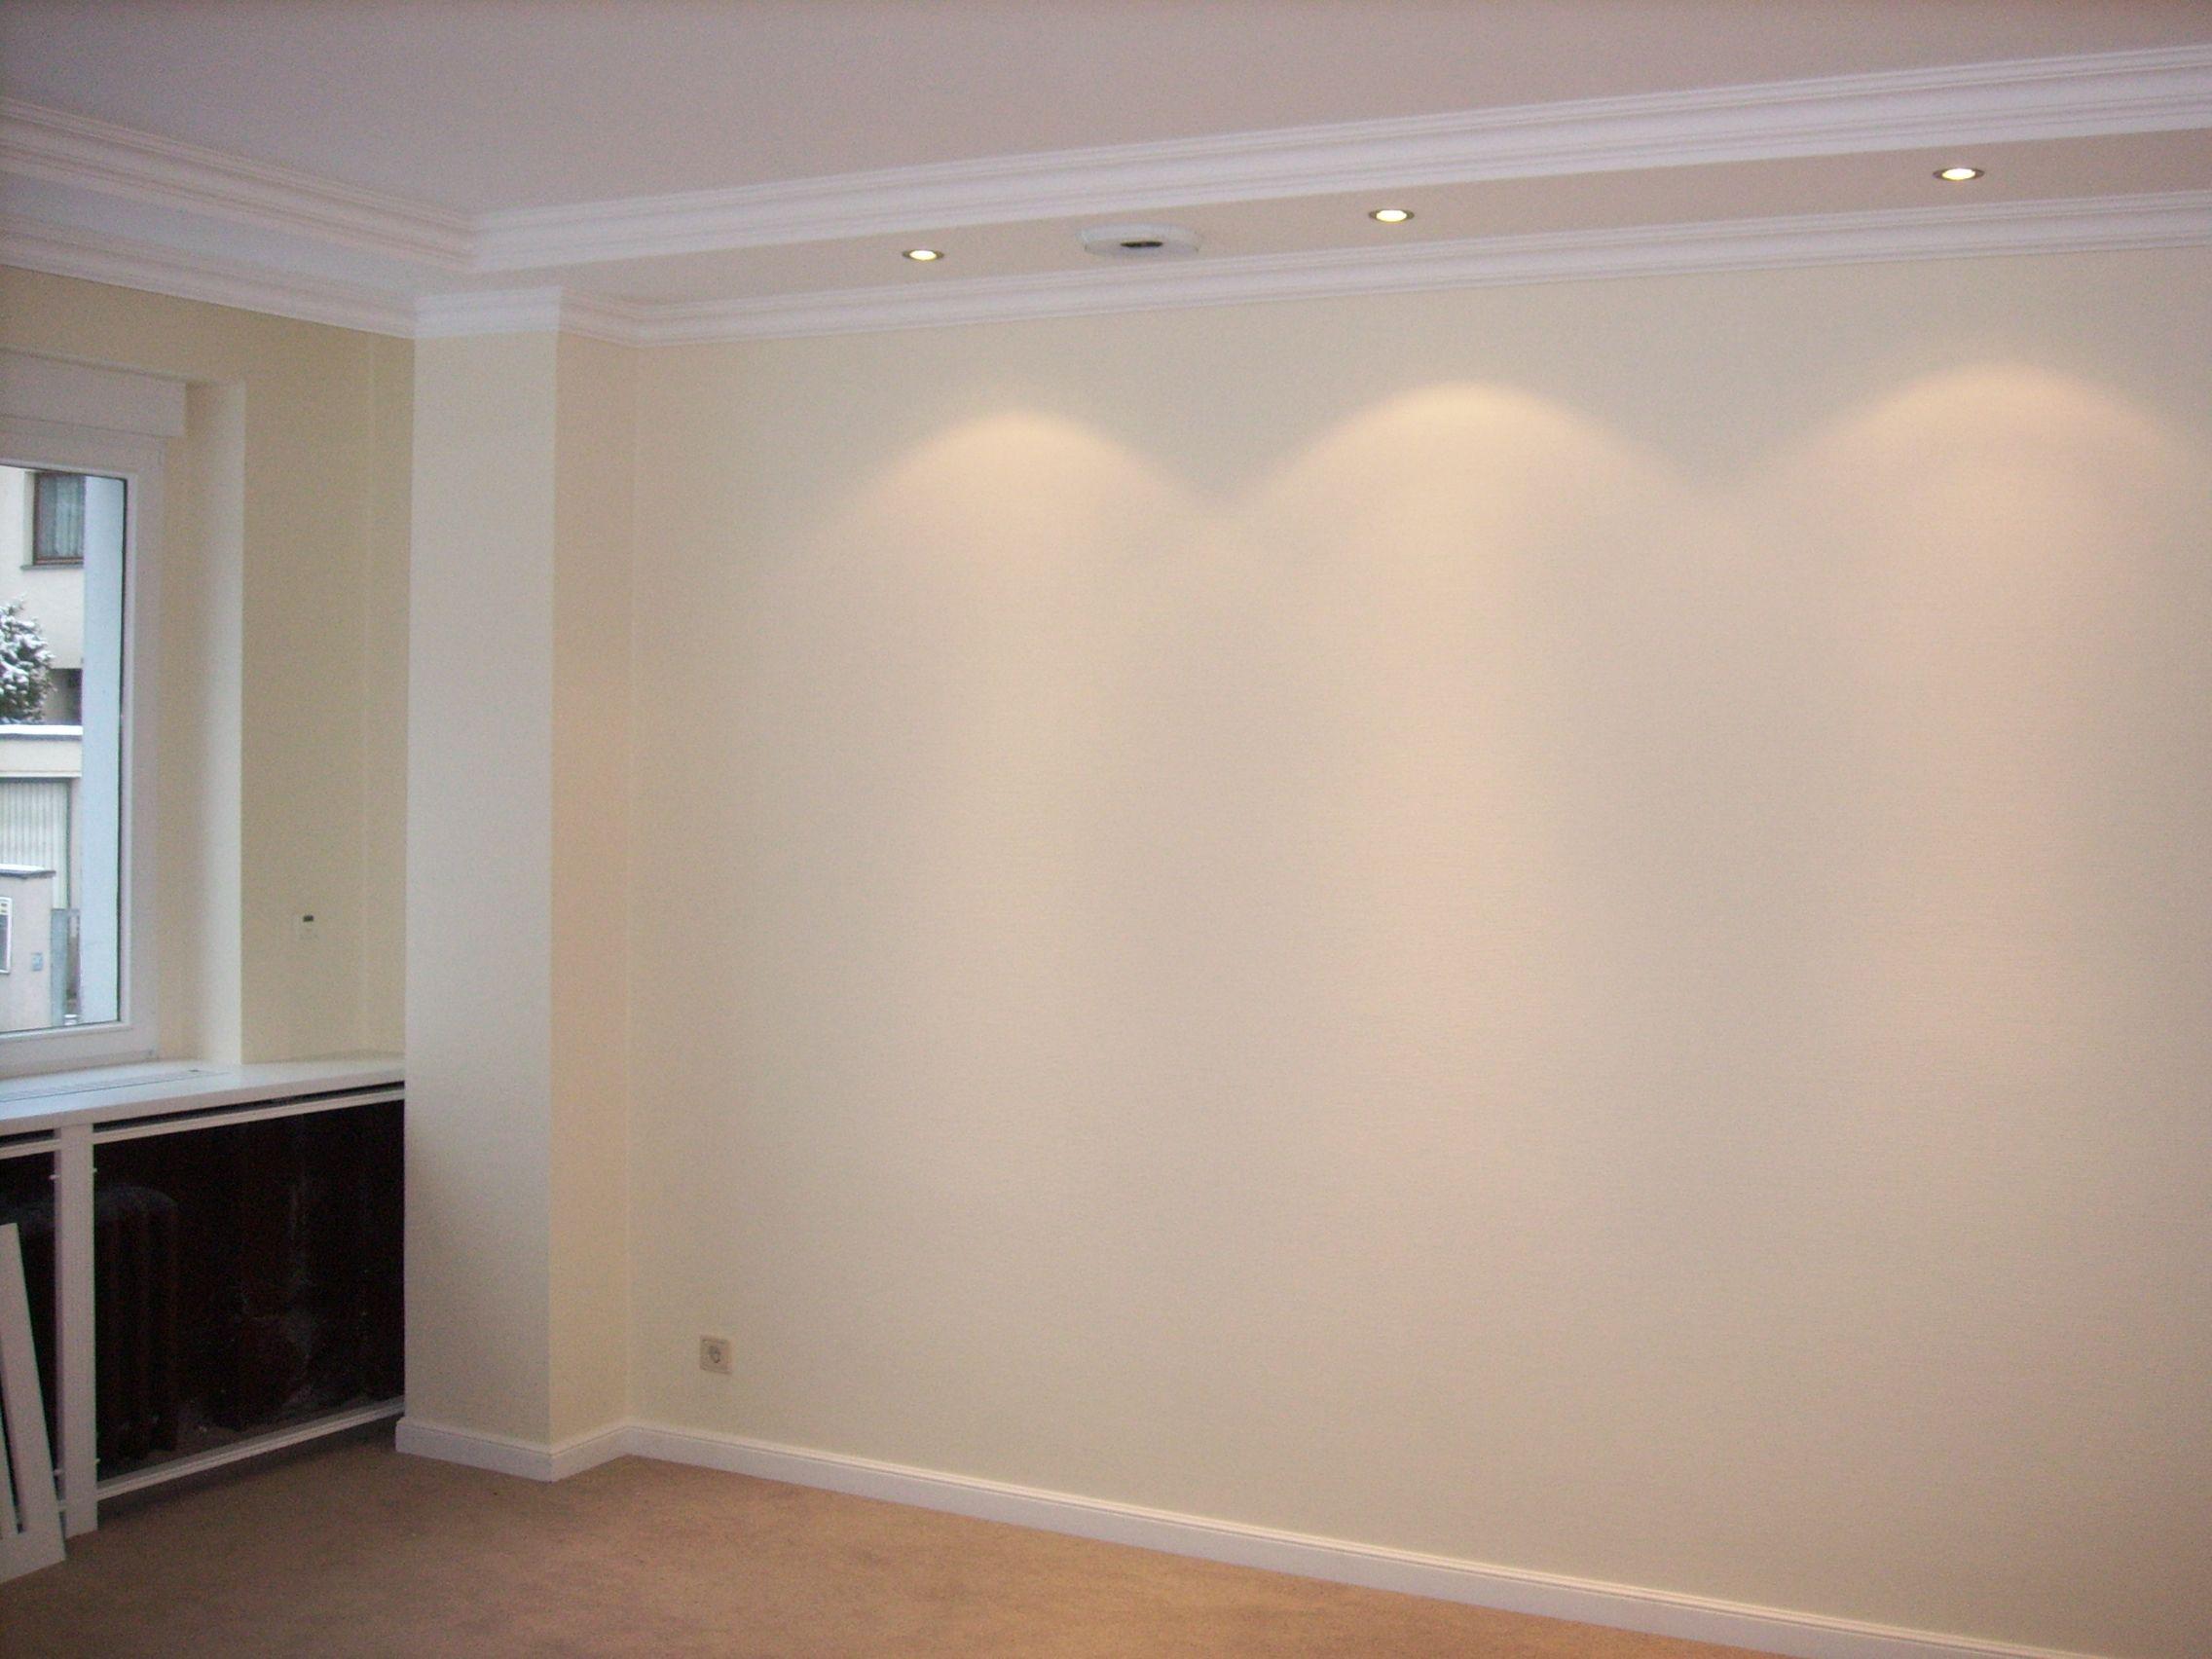 Beleuchtung und Lautsprecher direkt in die Decke integriert ...